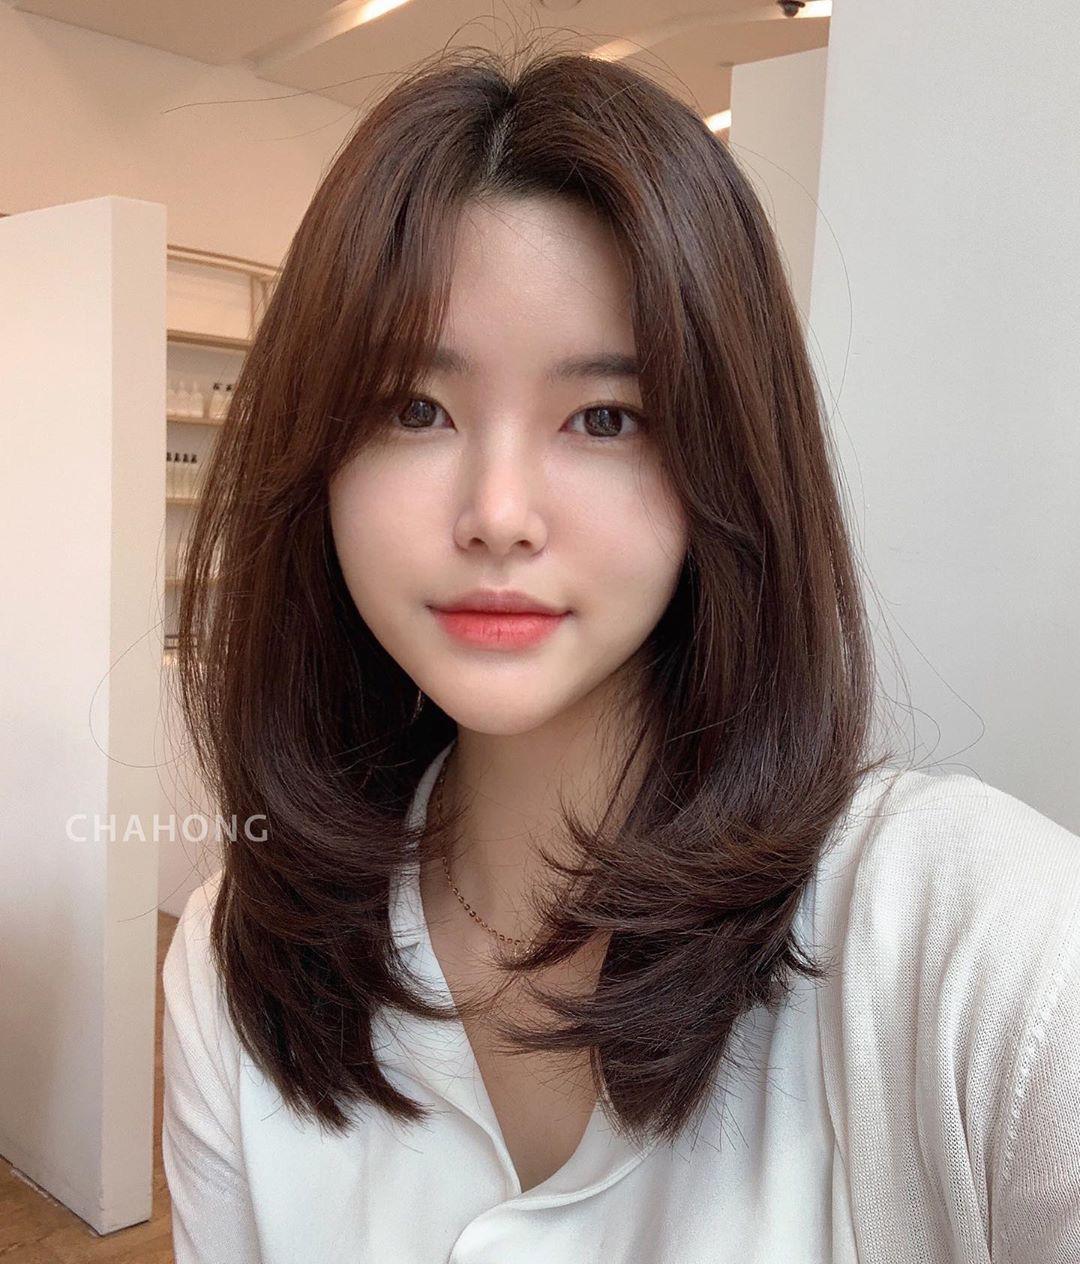 Top 9 kiểu tóc layer nữ đón đầu xu hướng 2021 | Kemtrinamda.vn